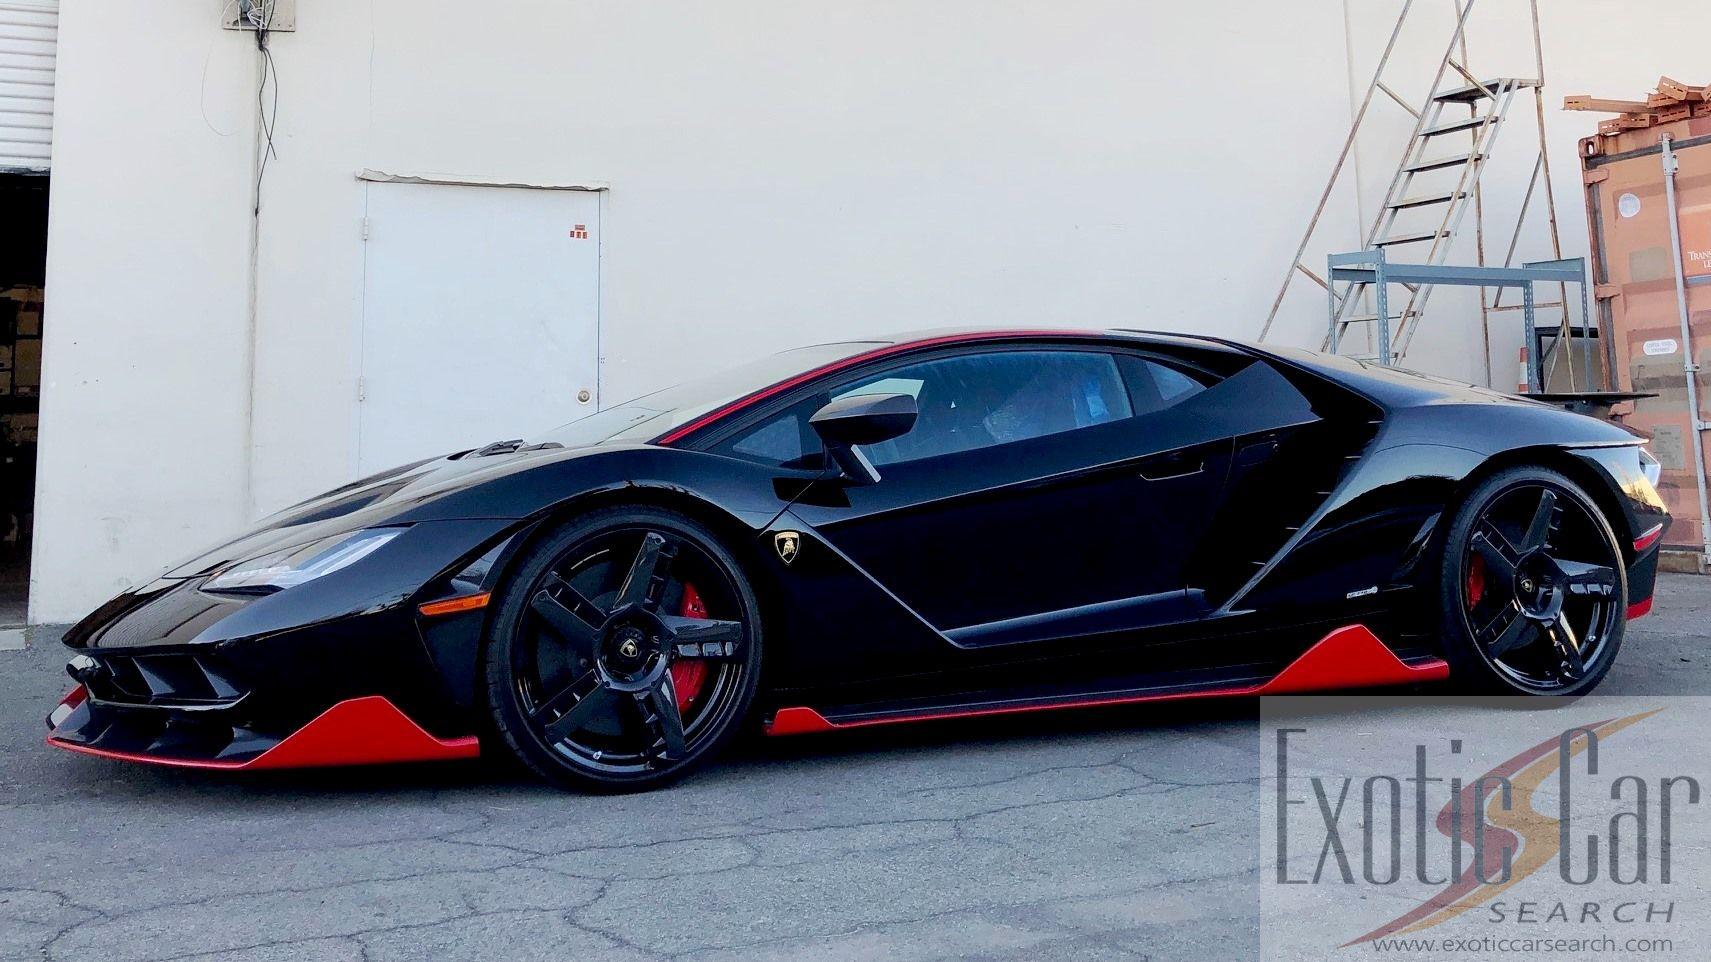 2018 Lamborghini Centenario Lp770 4 Coupe Exotic Car Search